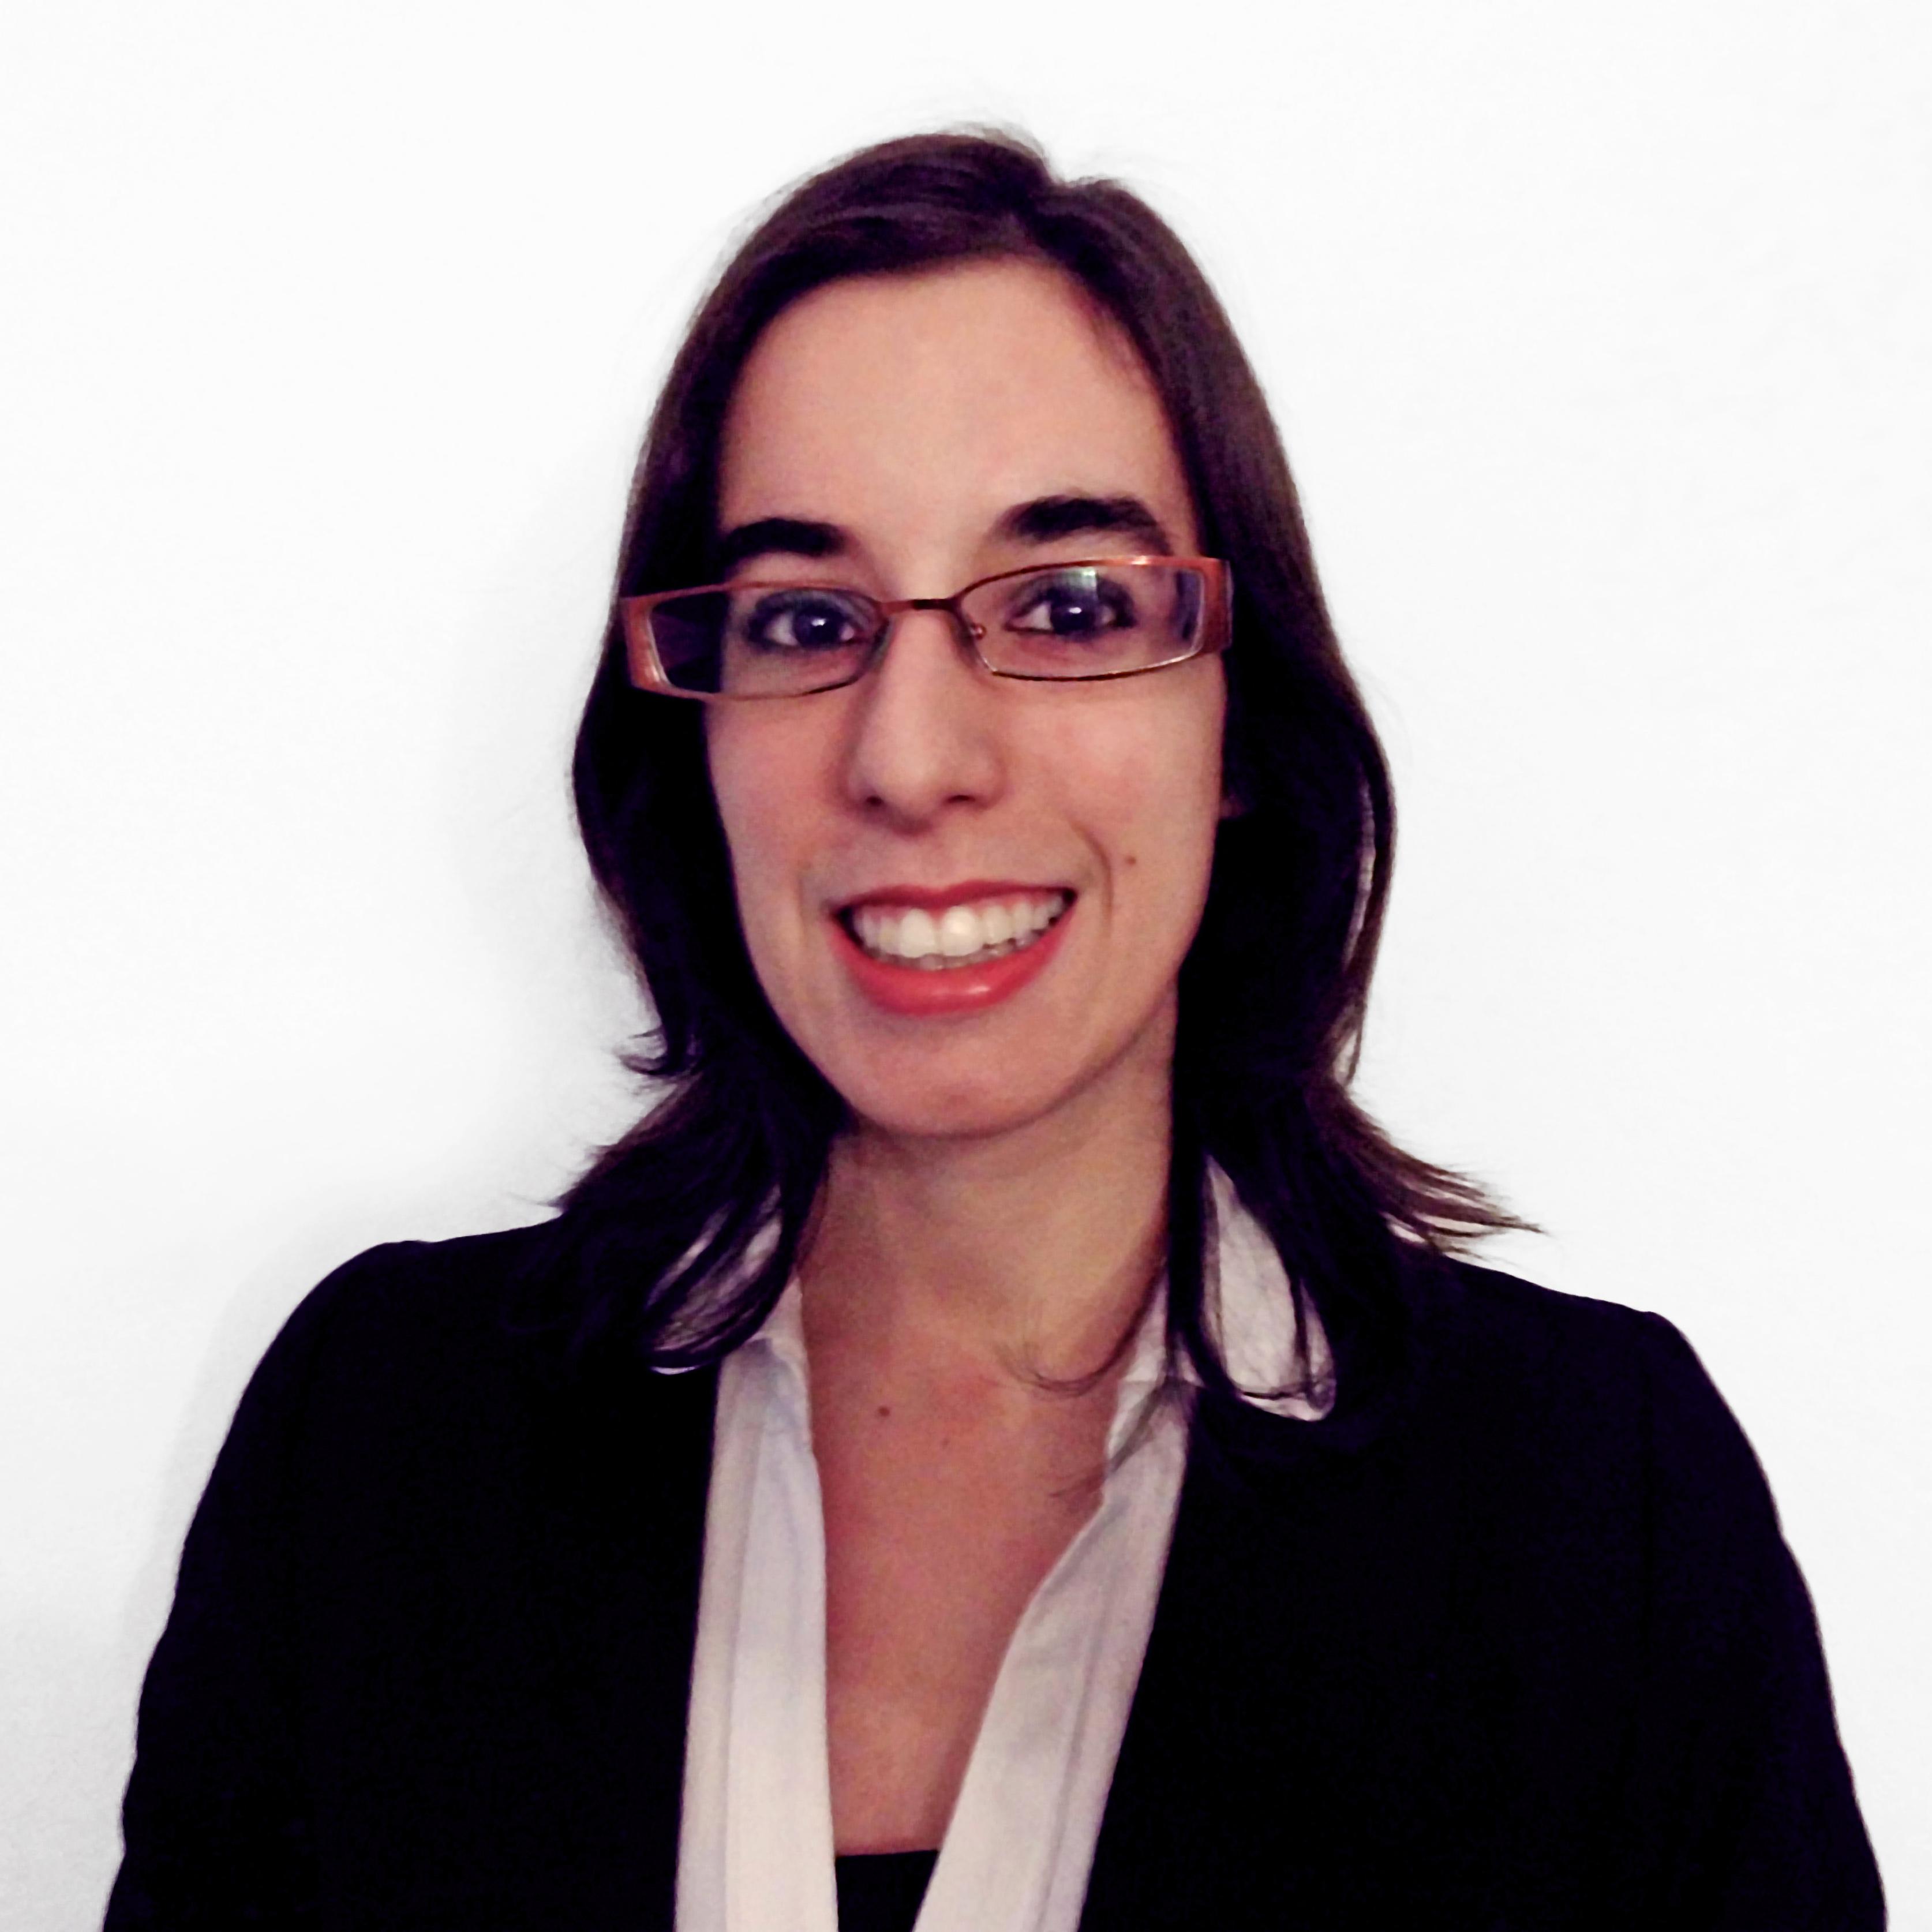 Cristina Aguilar López